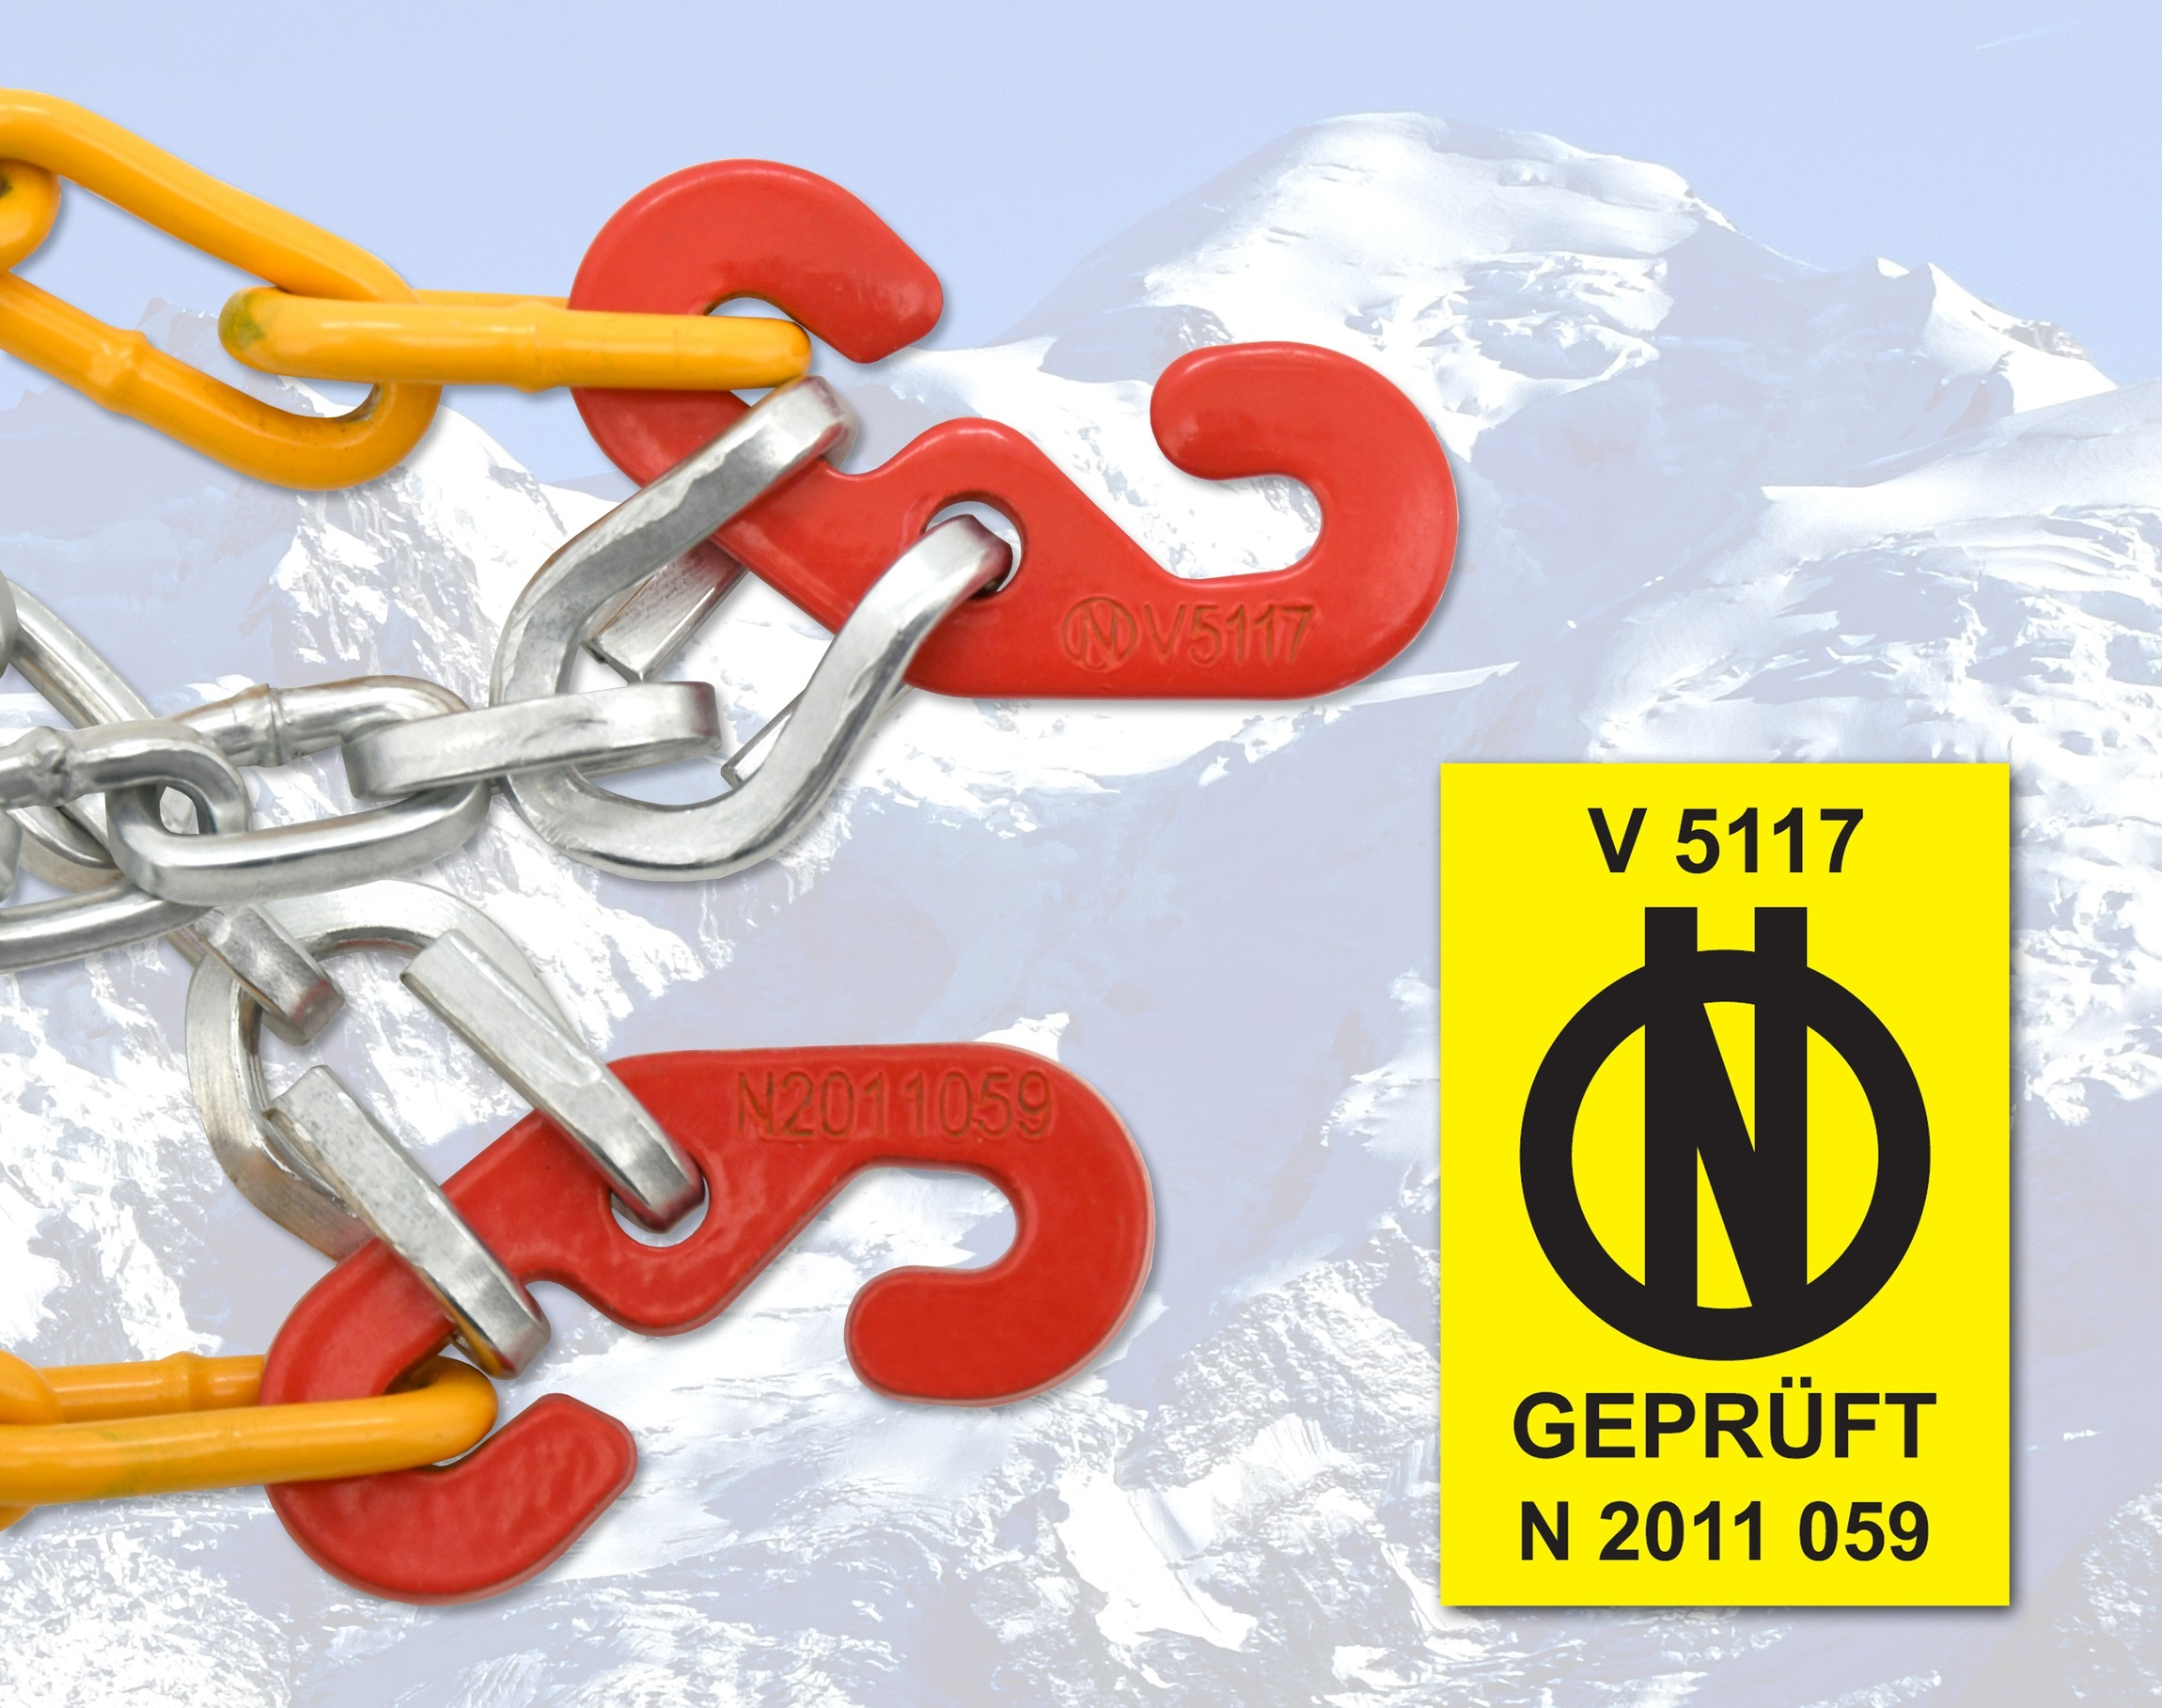 Sněhové řetězy WINTER ÖNORM X30 nylon bag